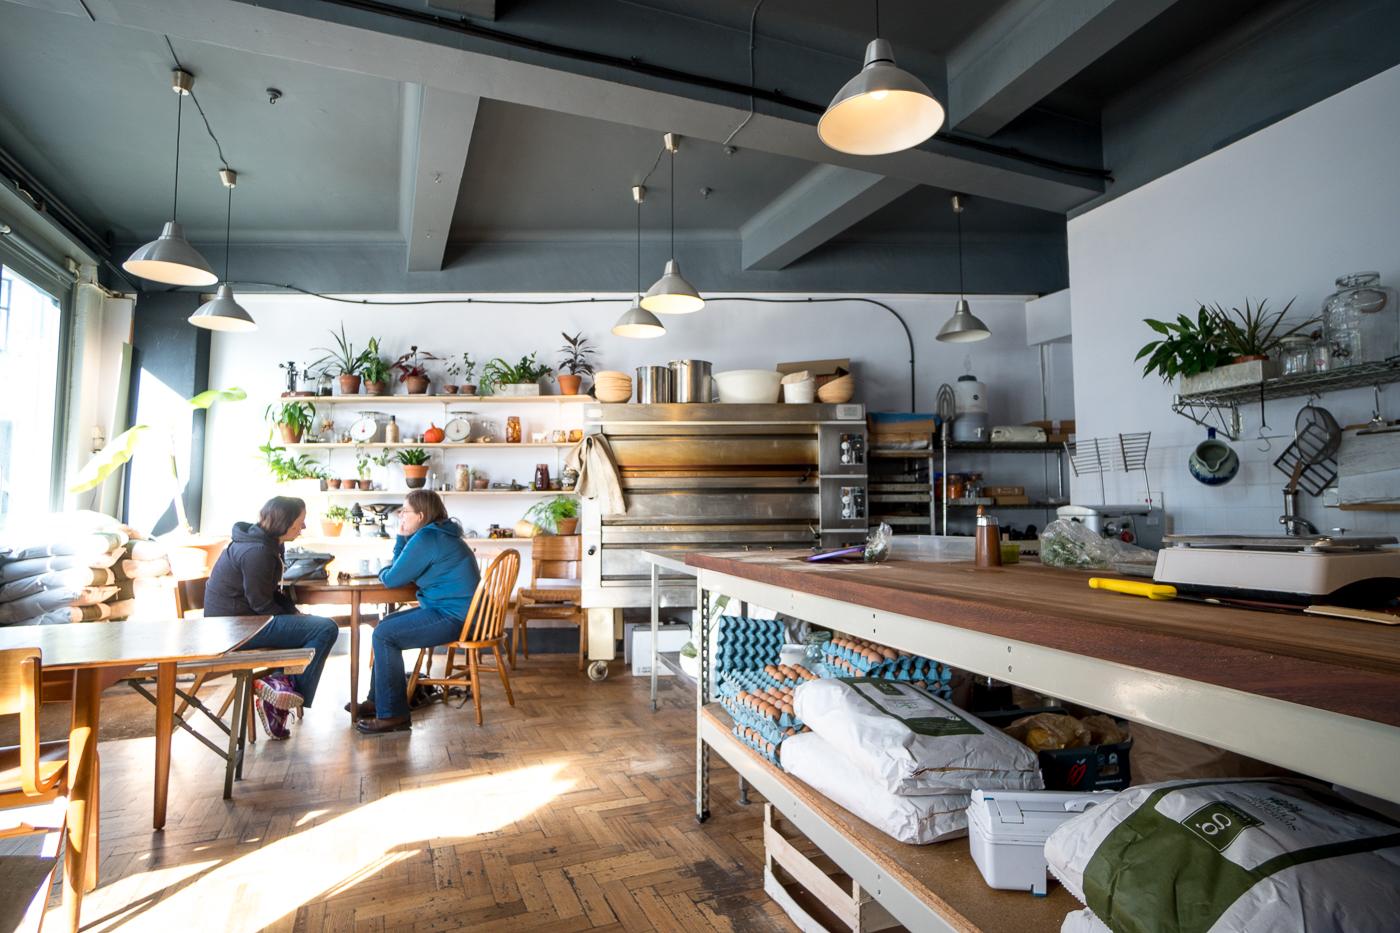 intérieur du café The Exploding Bakery - Où manger à Exeter